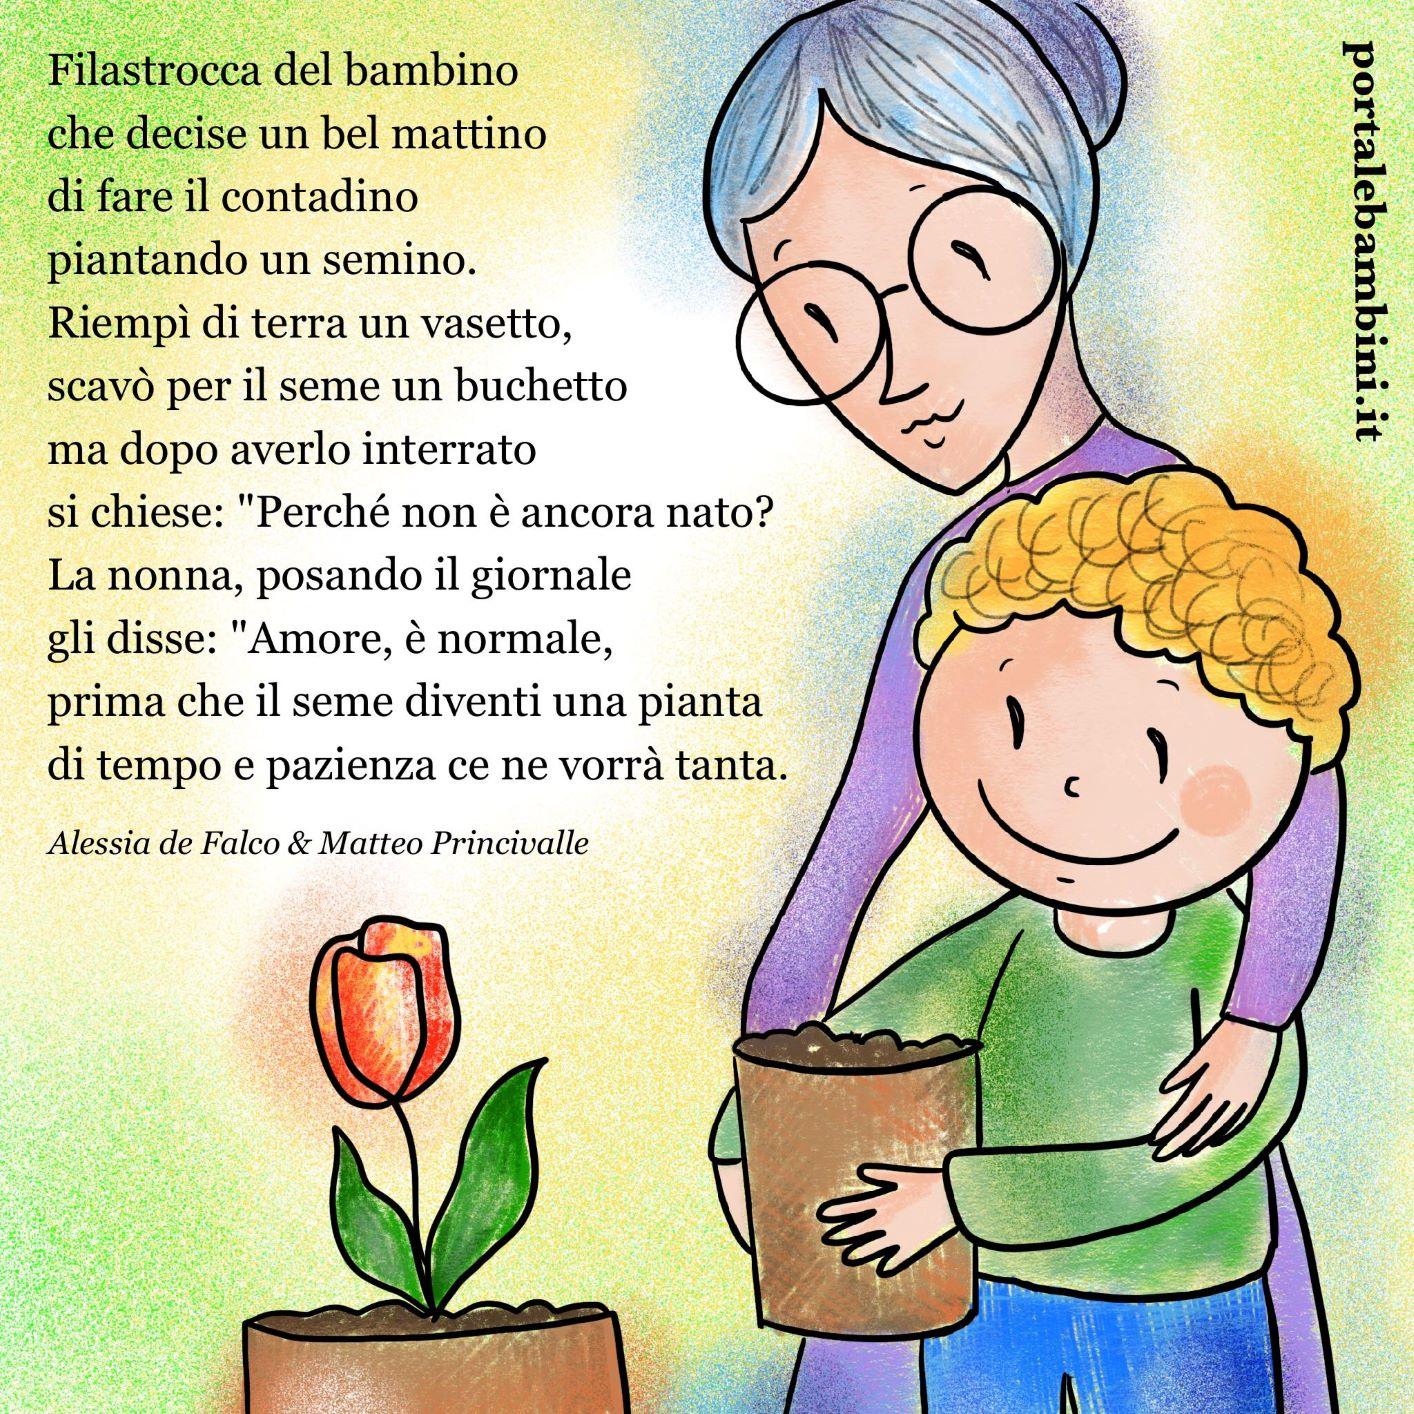 filastrocche per bambini il semino